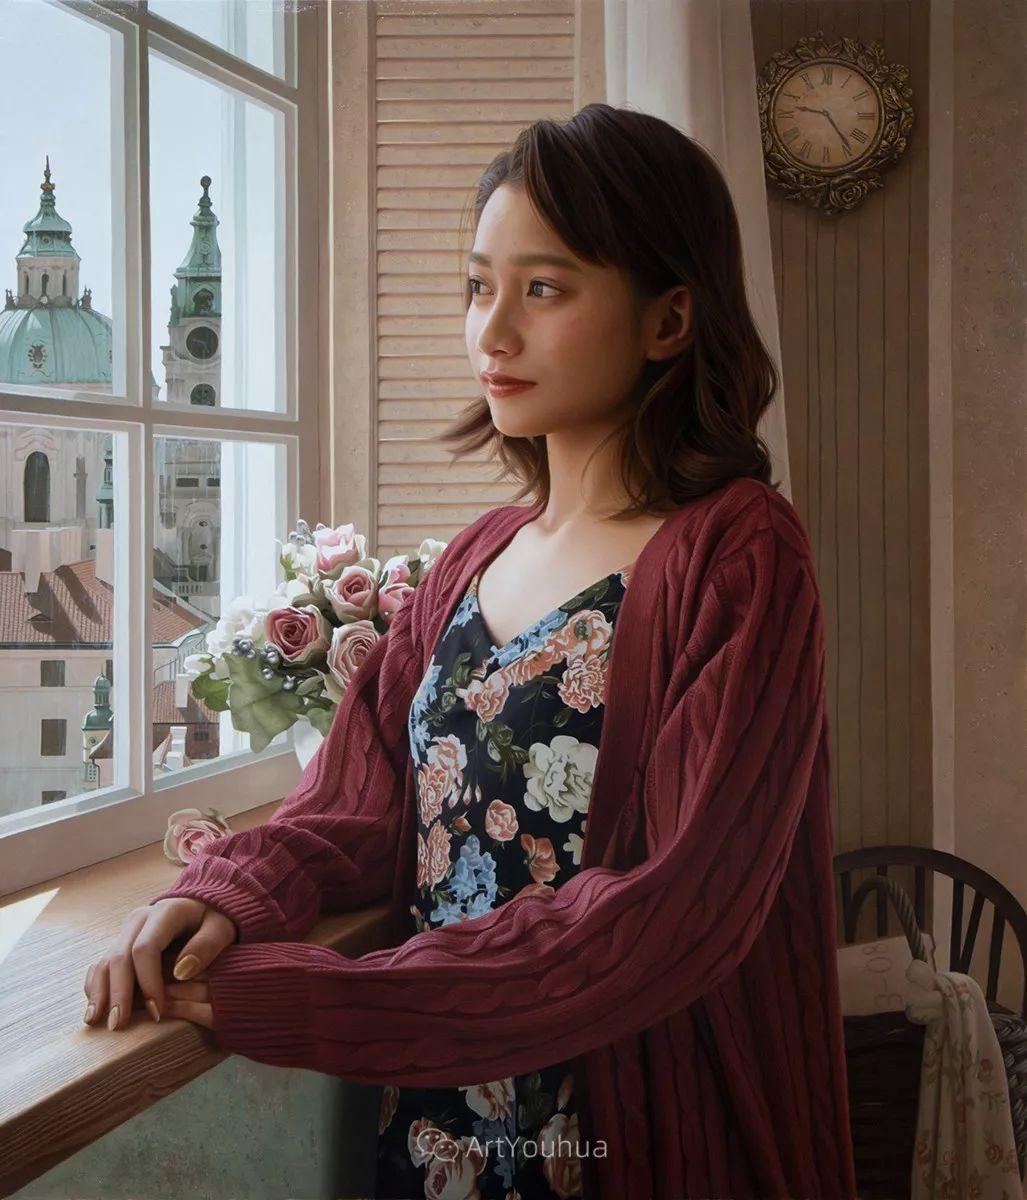 女性的气质美,极致的温柔与梦幻般的意境插图89